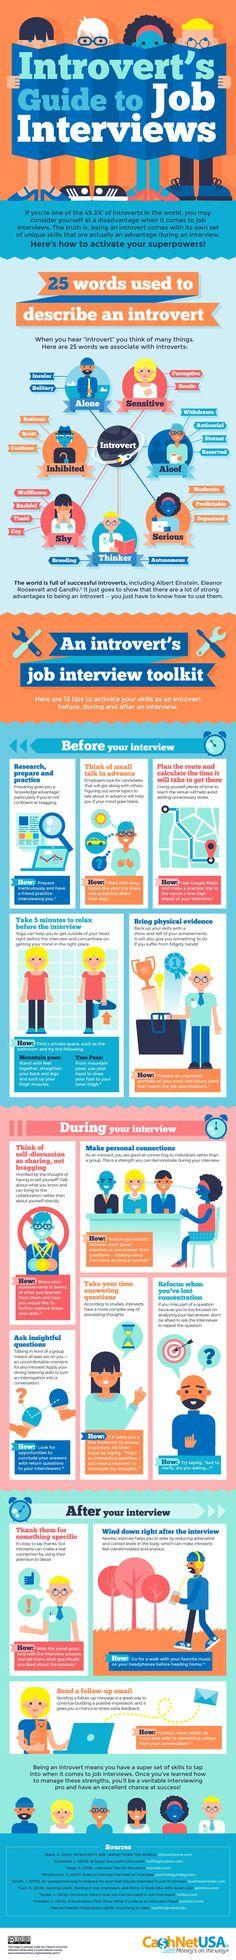 infographic  infographic  infographic  Blue Sky Resumes Got a - blue sky resumes